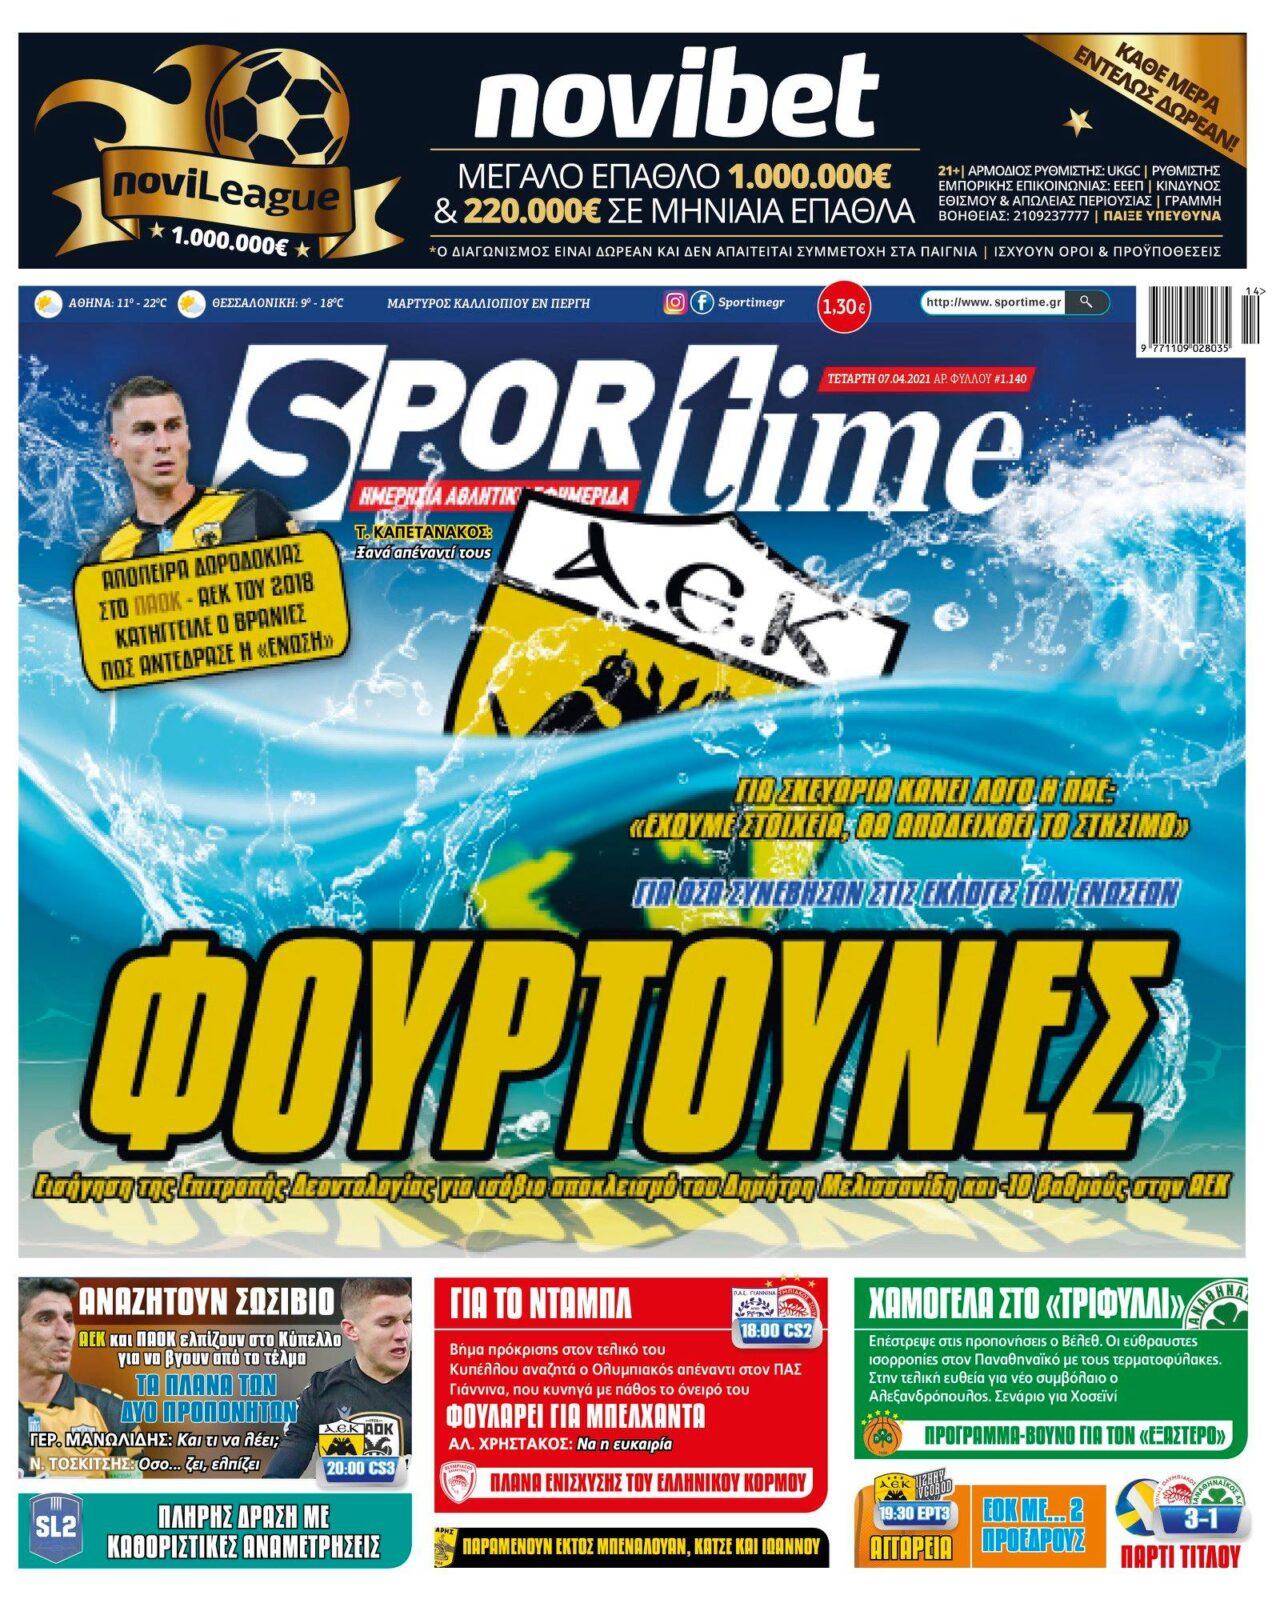 Πρωτοσέλιδο Sportime 7-4